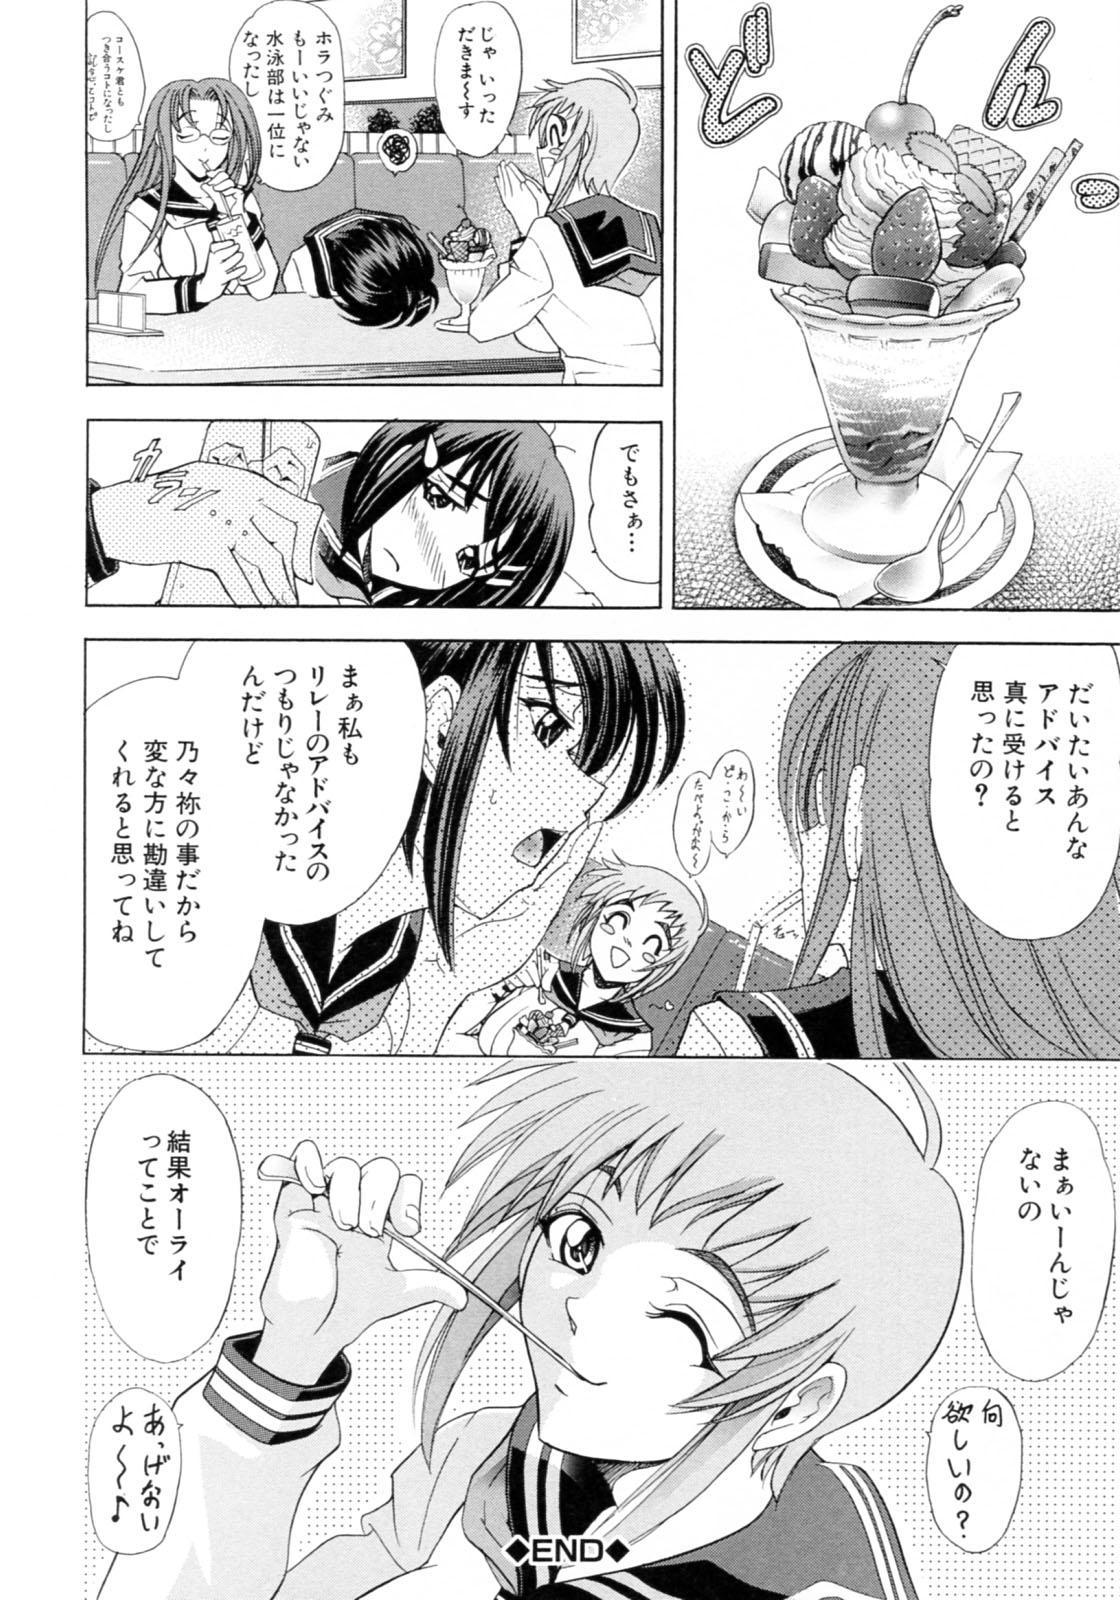 Kinsoku Shikou 131